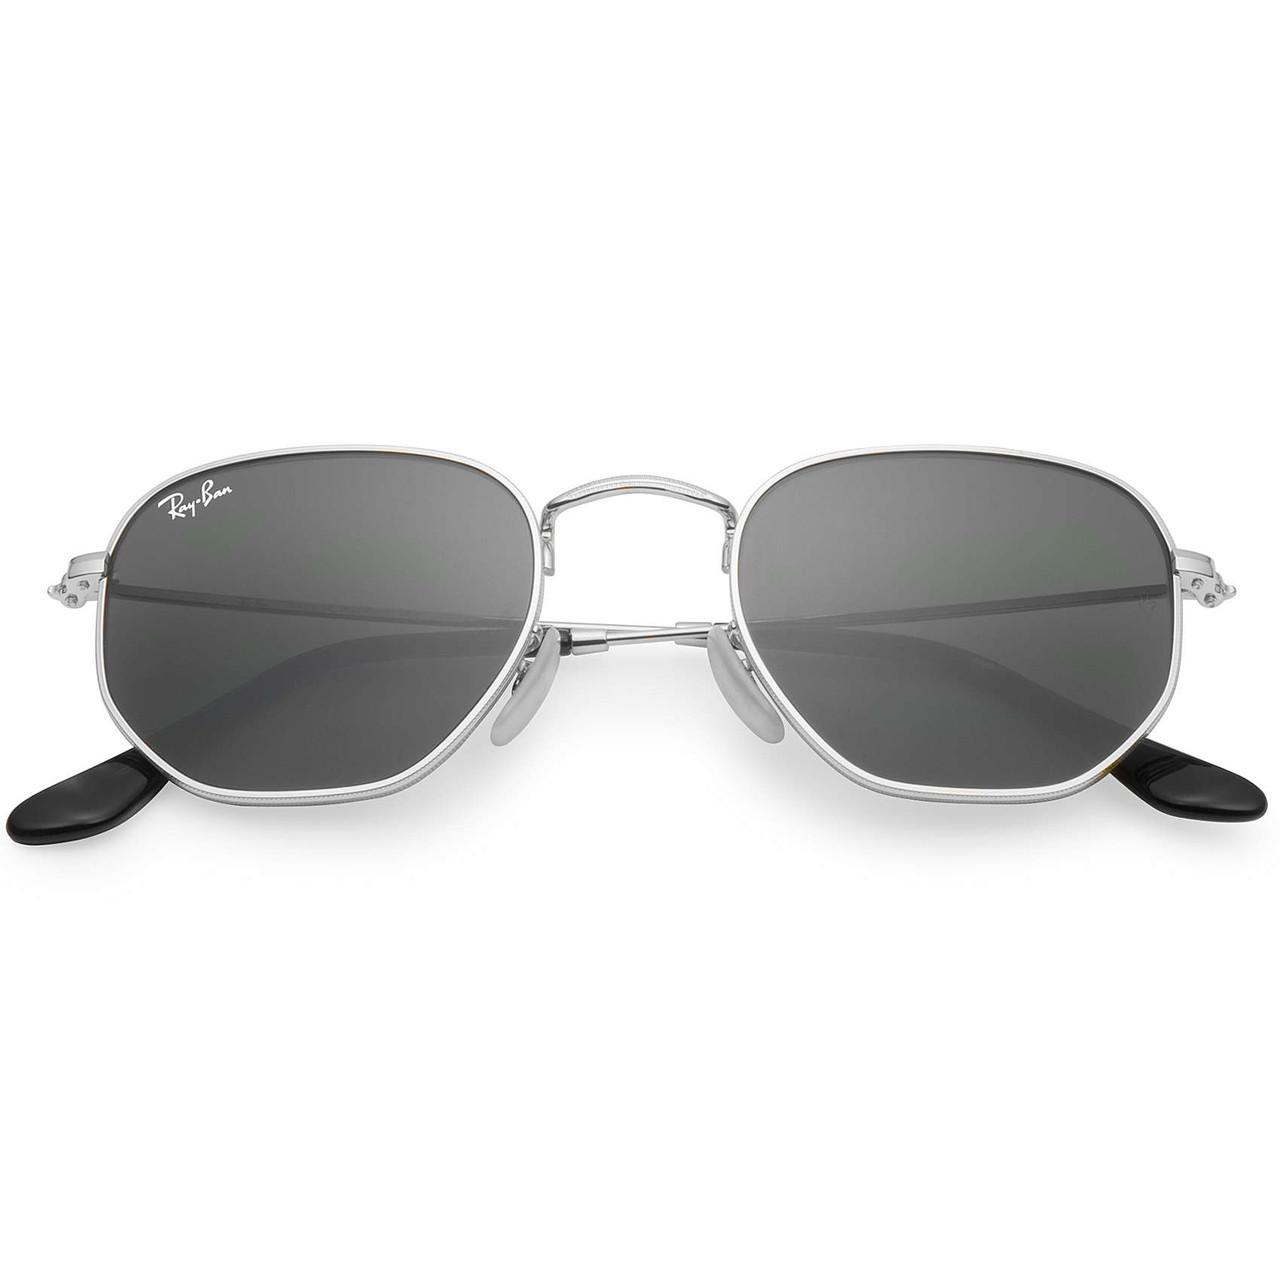 Очки Ray Ban RB 3548N Hexagonal Silver стекло копия солнцезащитные ... 6e8e8c96385d3